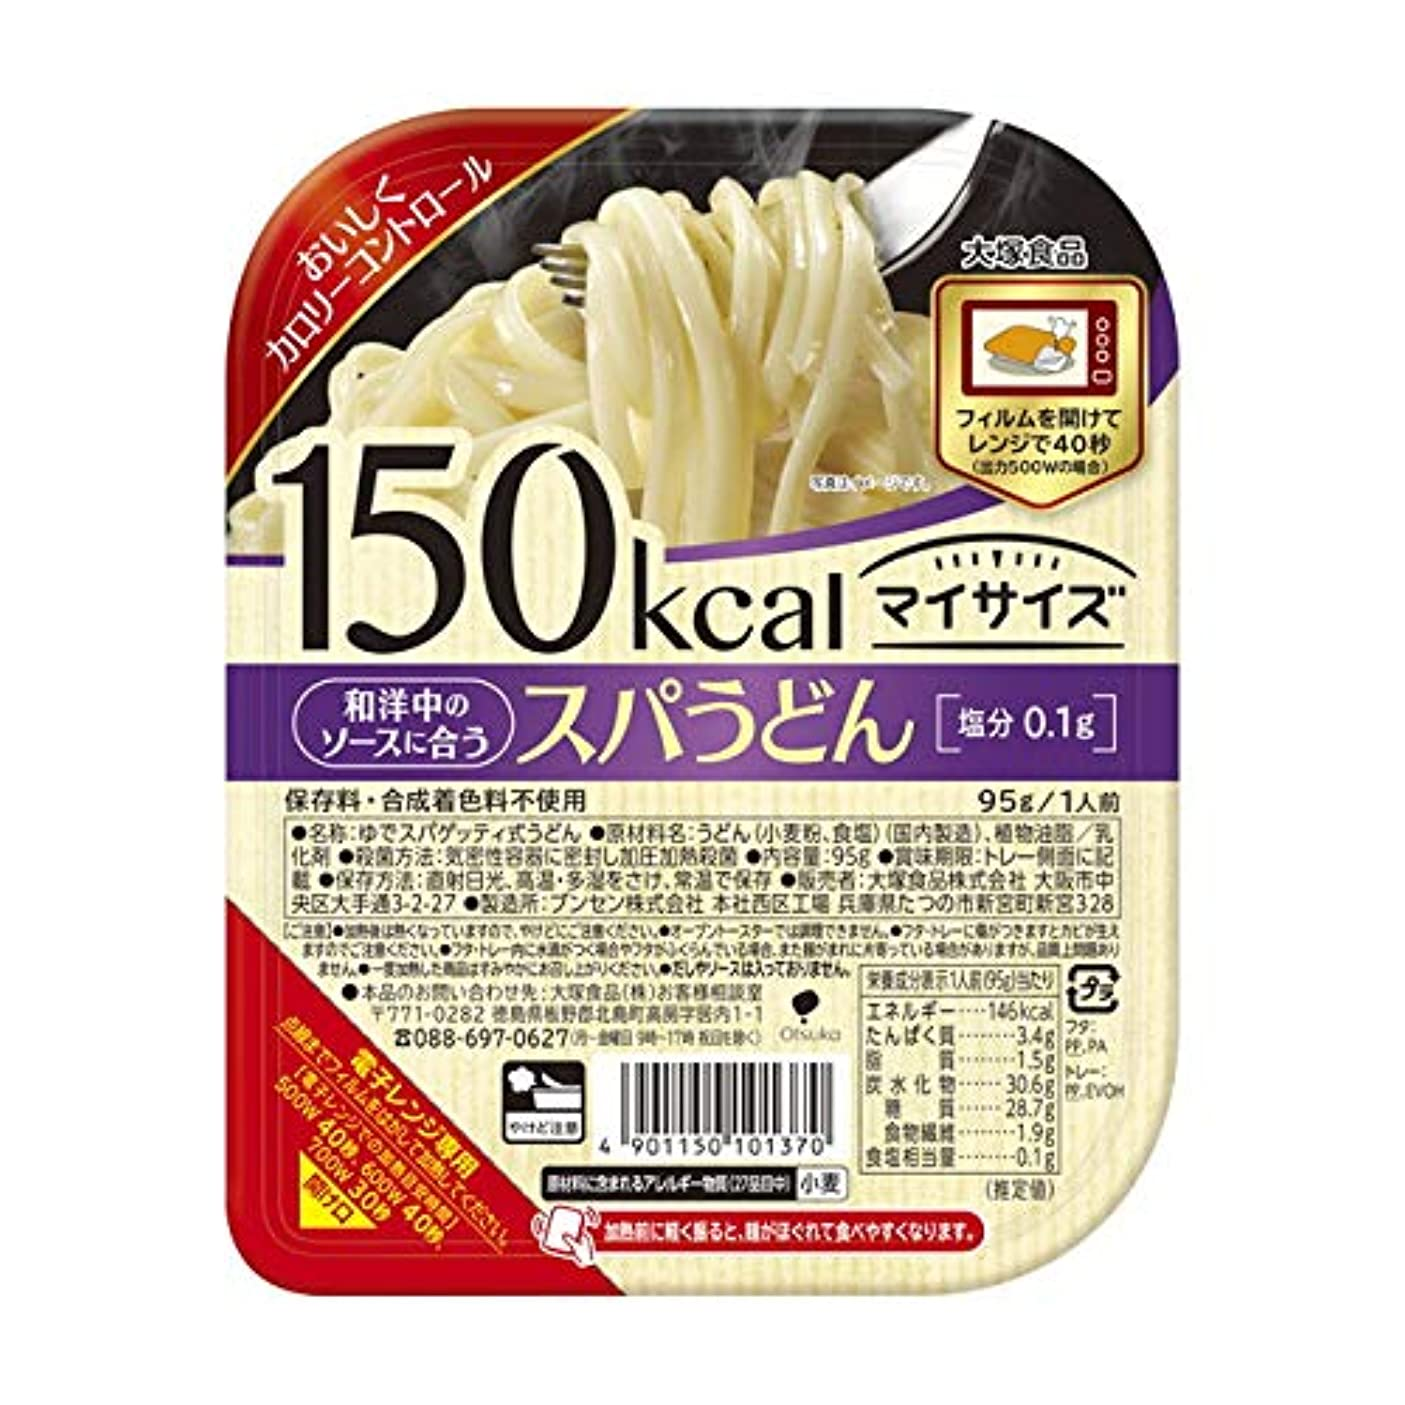 ボウリング不正直有害な大塚食品 マイサイズ スパうどん 95g【6個セット】